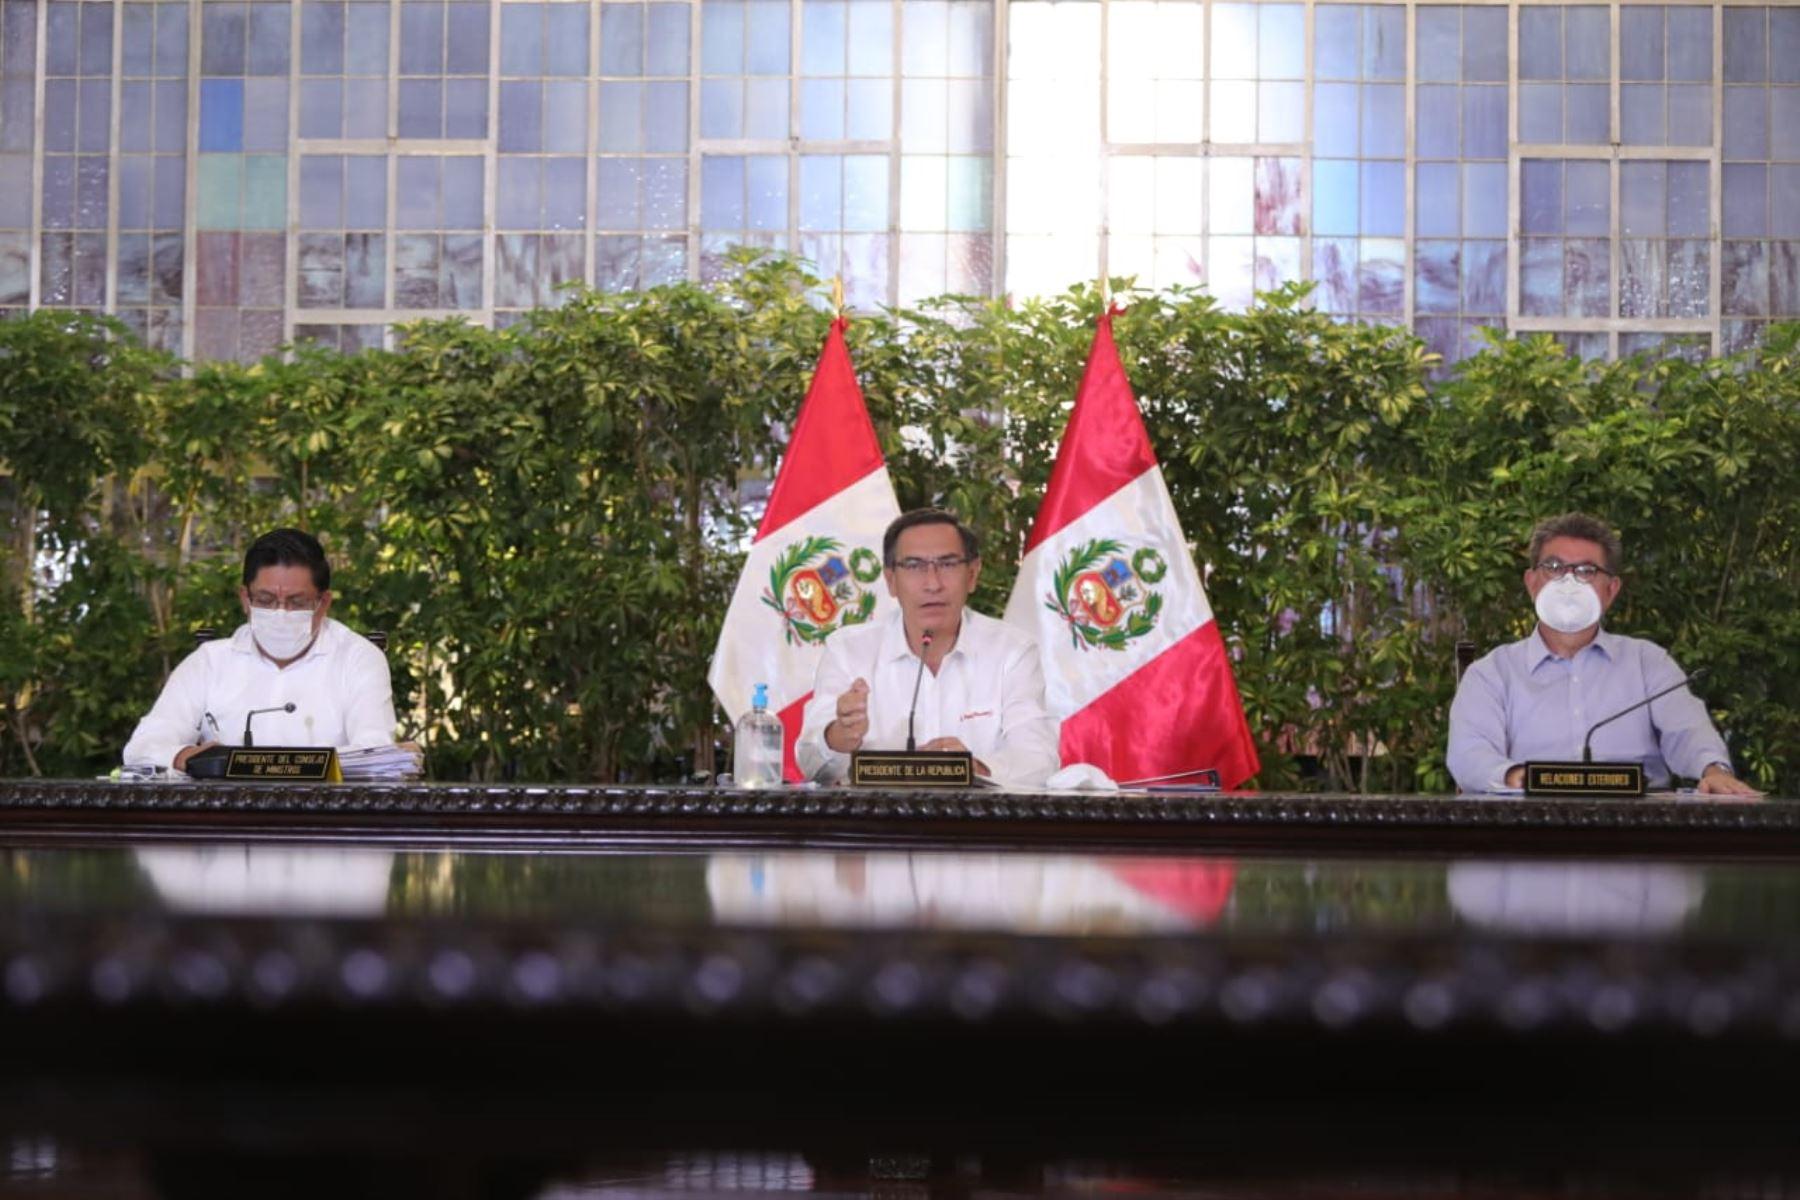 El presidente Martín Vizcarra informa a la ciudadanía los avances de las medidas adoptadas por el estado de emergencia nacional decretado para contener el avance del coronavirus. Foto: ANDINA/Prensa Presidencia